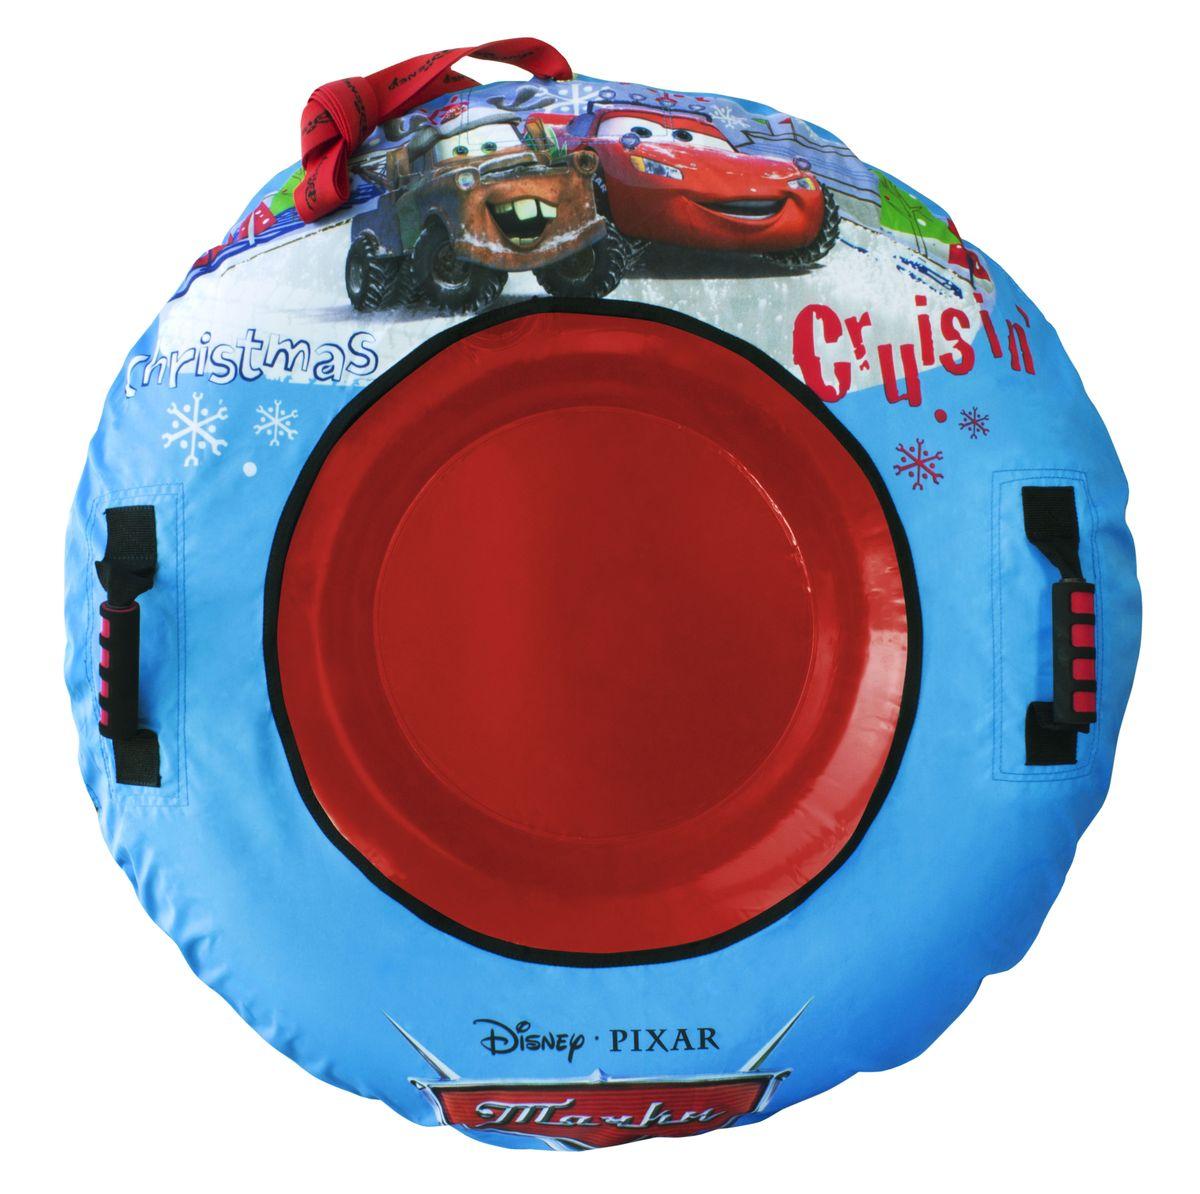 Тачки Тюбинг Disney Тачки, диаметр 92 смАрт2121123002103Тюбинг Disney Тачки - это красочные надувные санки для веселых развлечений всей семьи, диаметр 92 см. Внешний чехол из нейлона 420 ден. Усиленные крепления ручек. Морозоустойчивый материал до -30С. Предназначен для использования на снежных и ледяных поверхностях. В комплекте: камера, чехол.